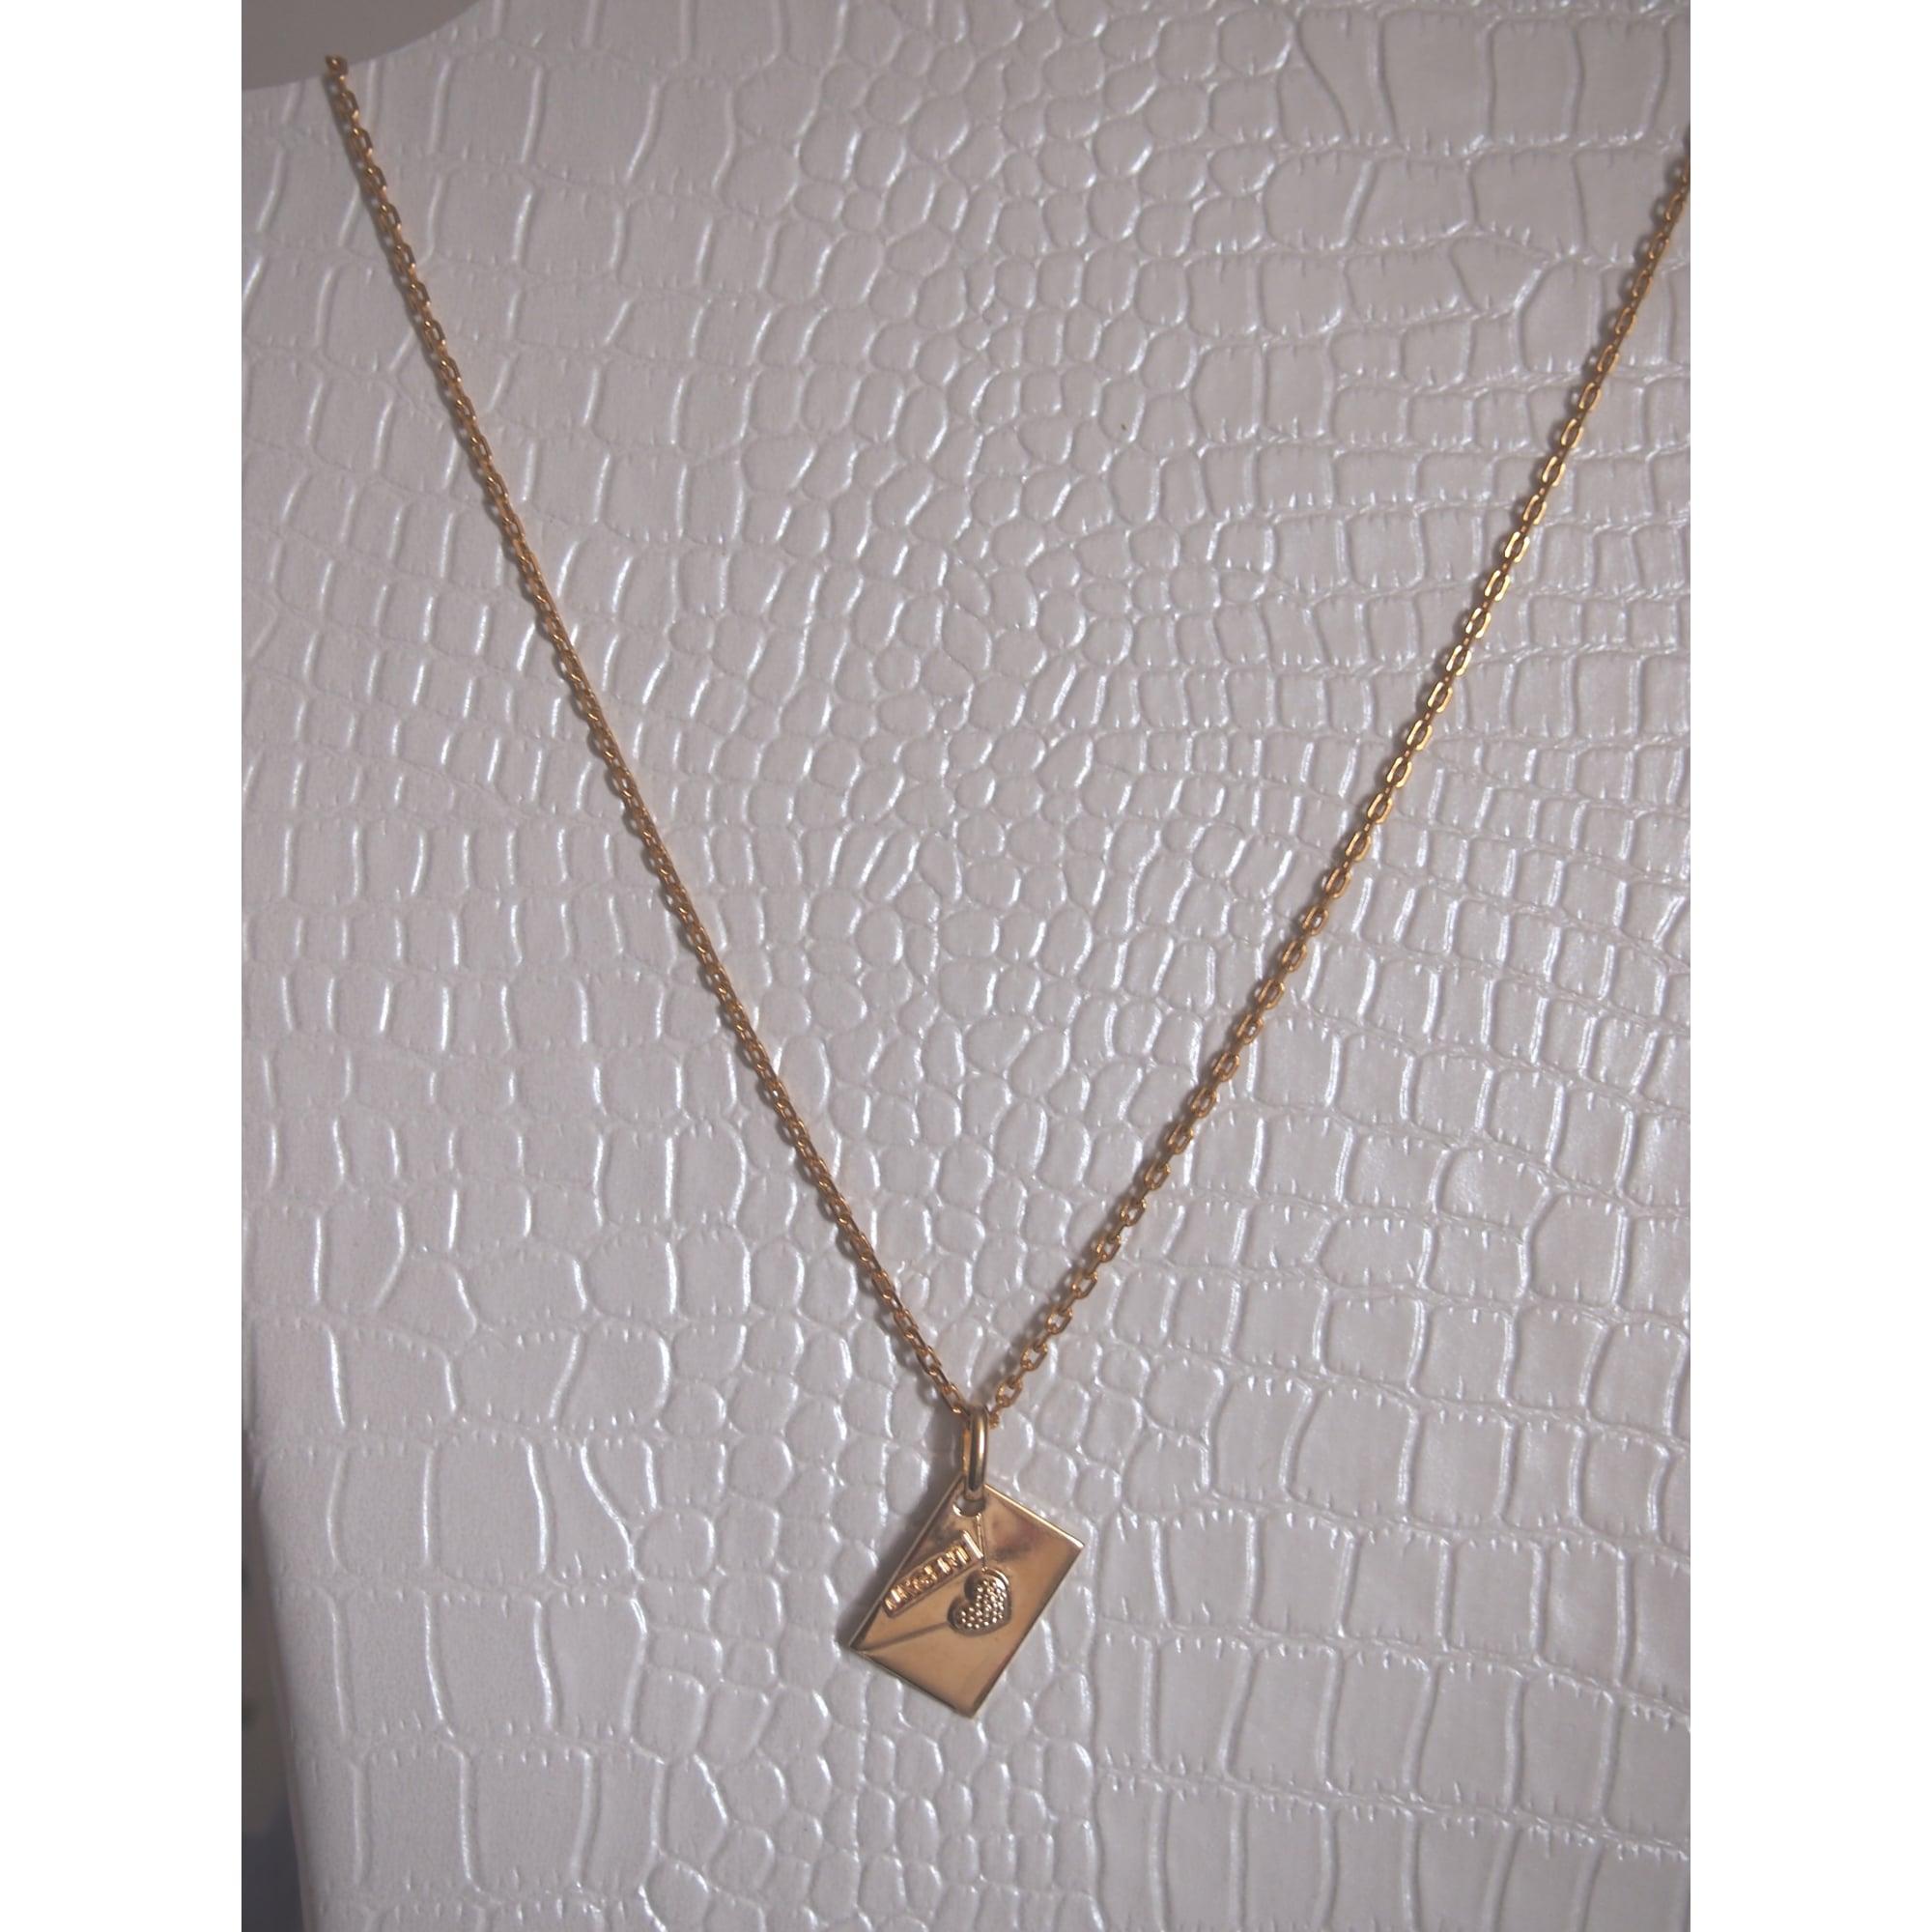 Collier GL PARIS Doré, bronze, cuivre